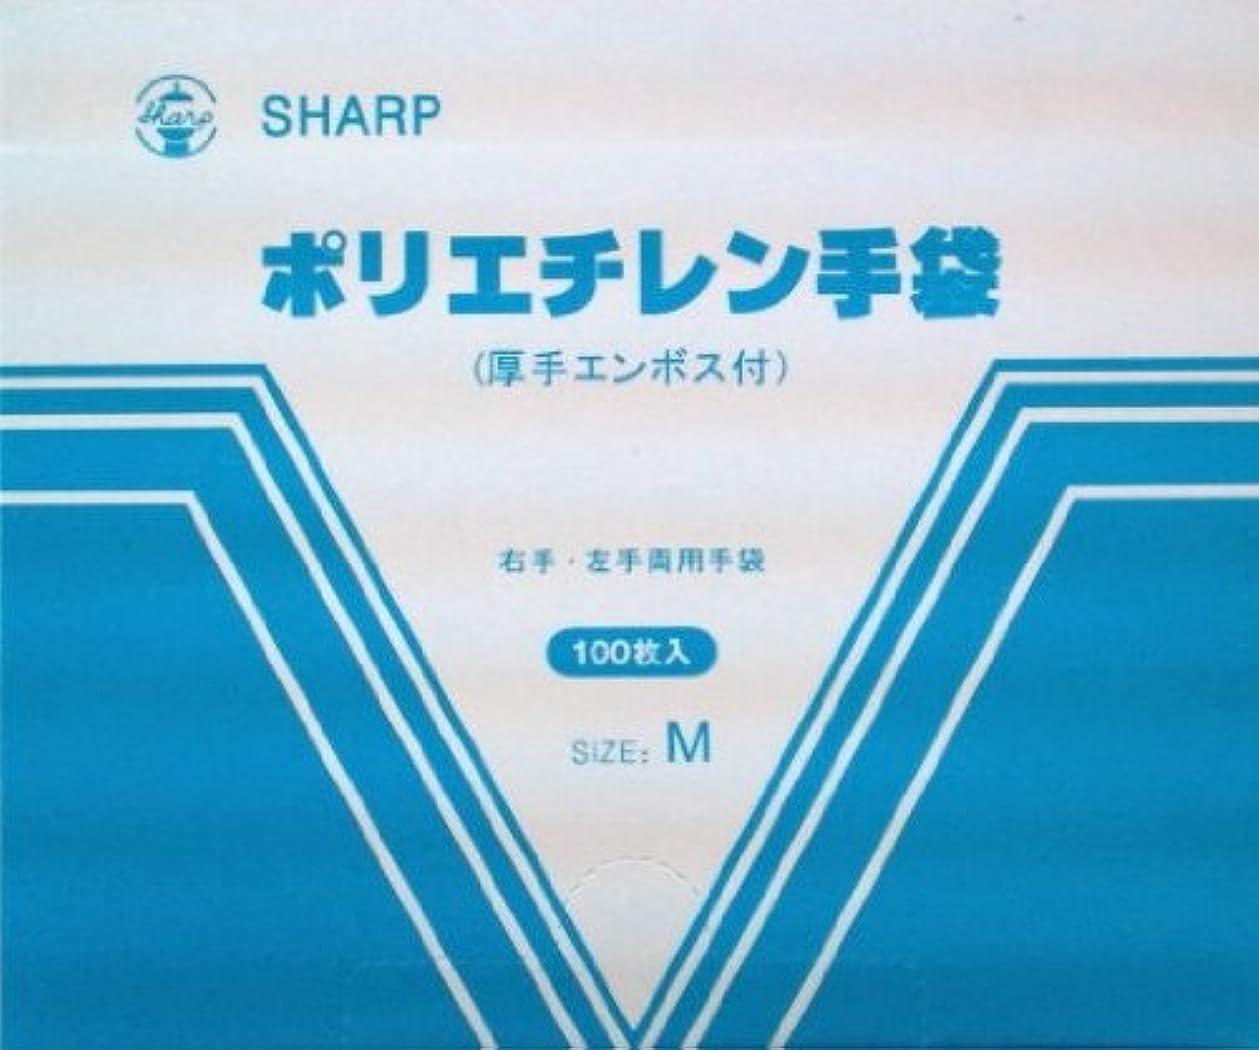 実験性別抜粋新鋭工業 SHARP ポリエチレン手袋 左右兼用100枚入り Mサイズ 100枚入り